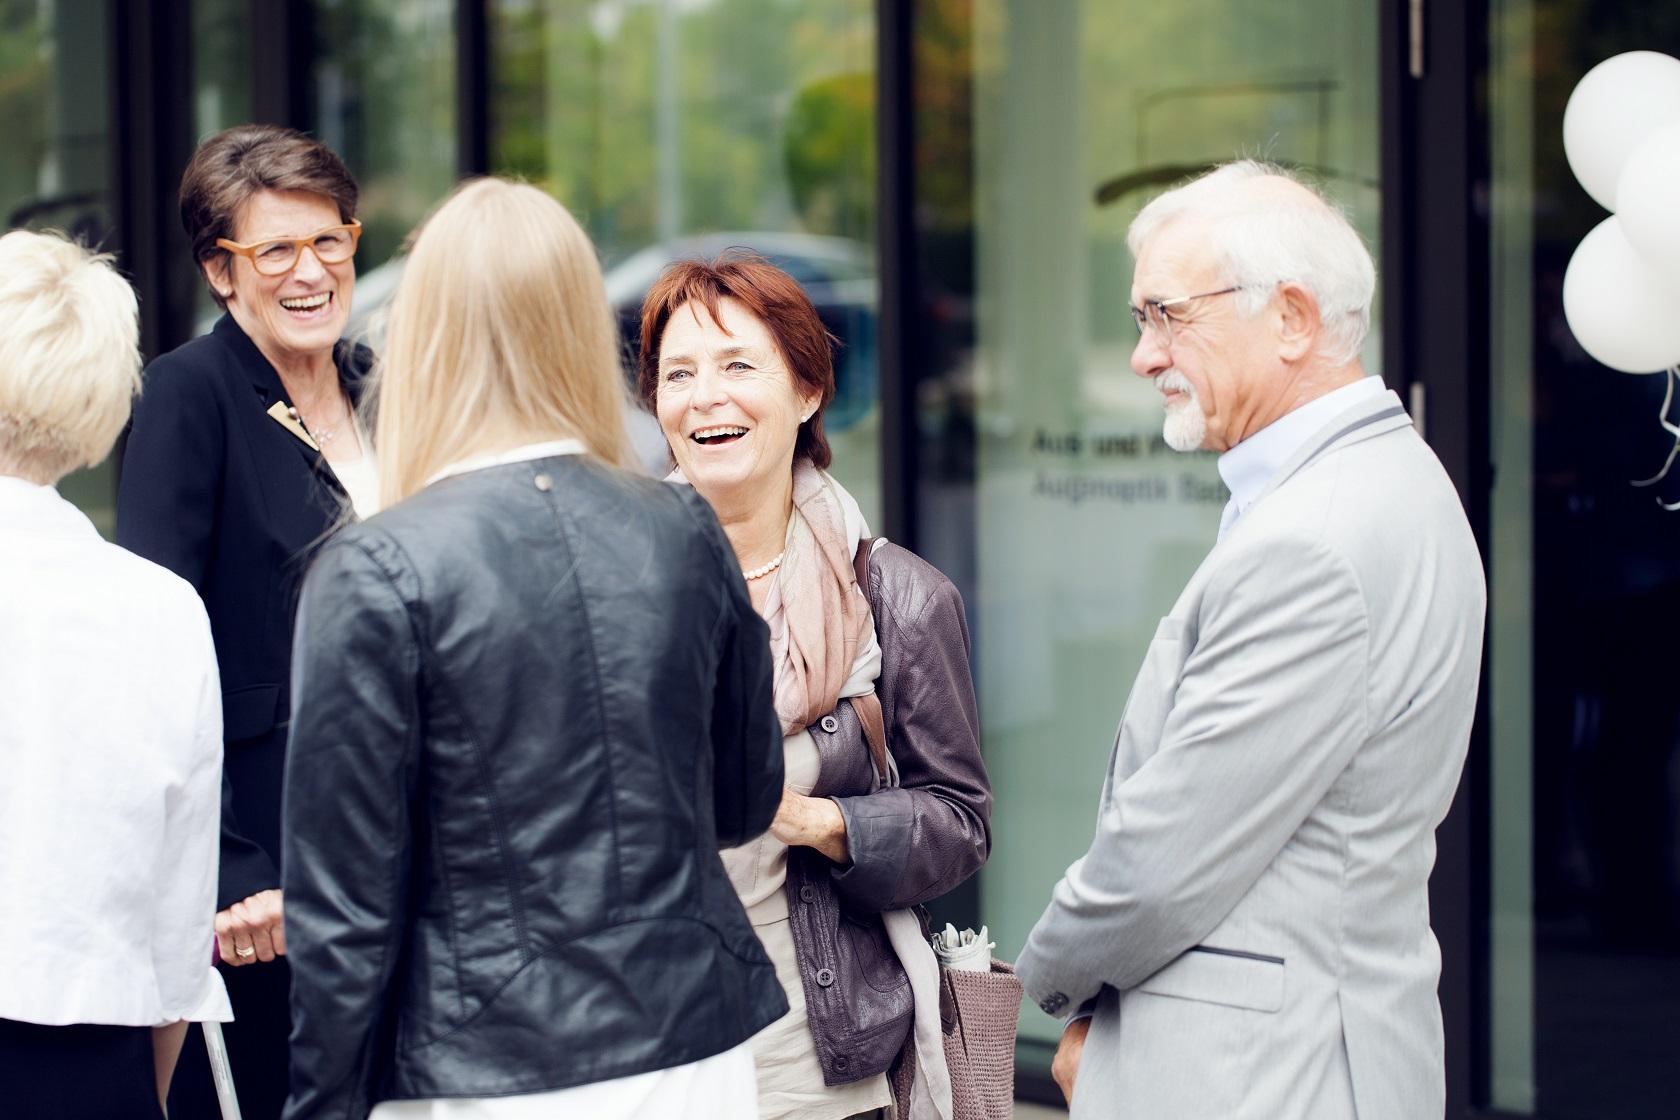 Feierliche Eröffnung Gespräche im Außenbereich